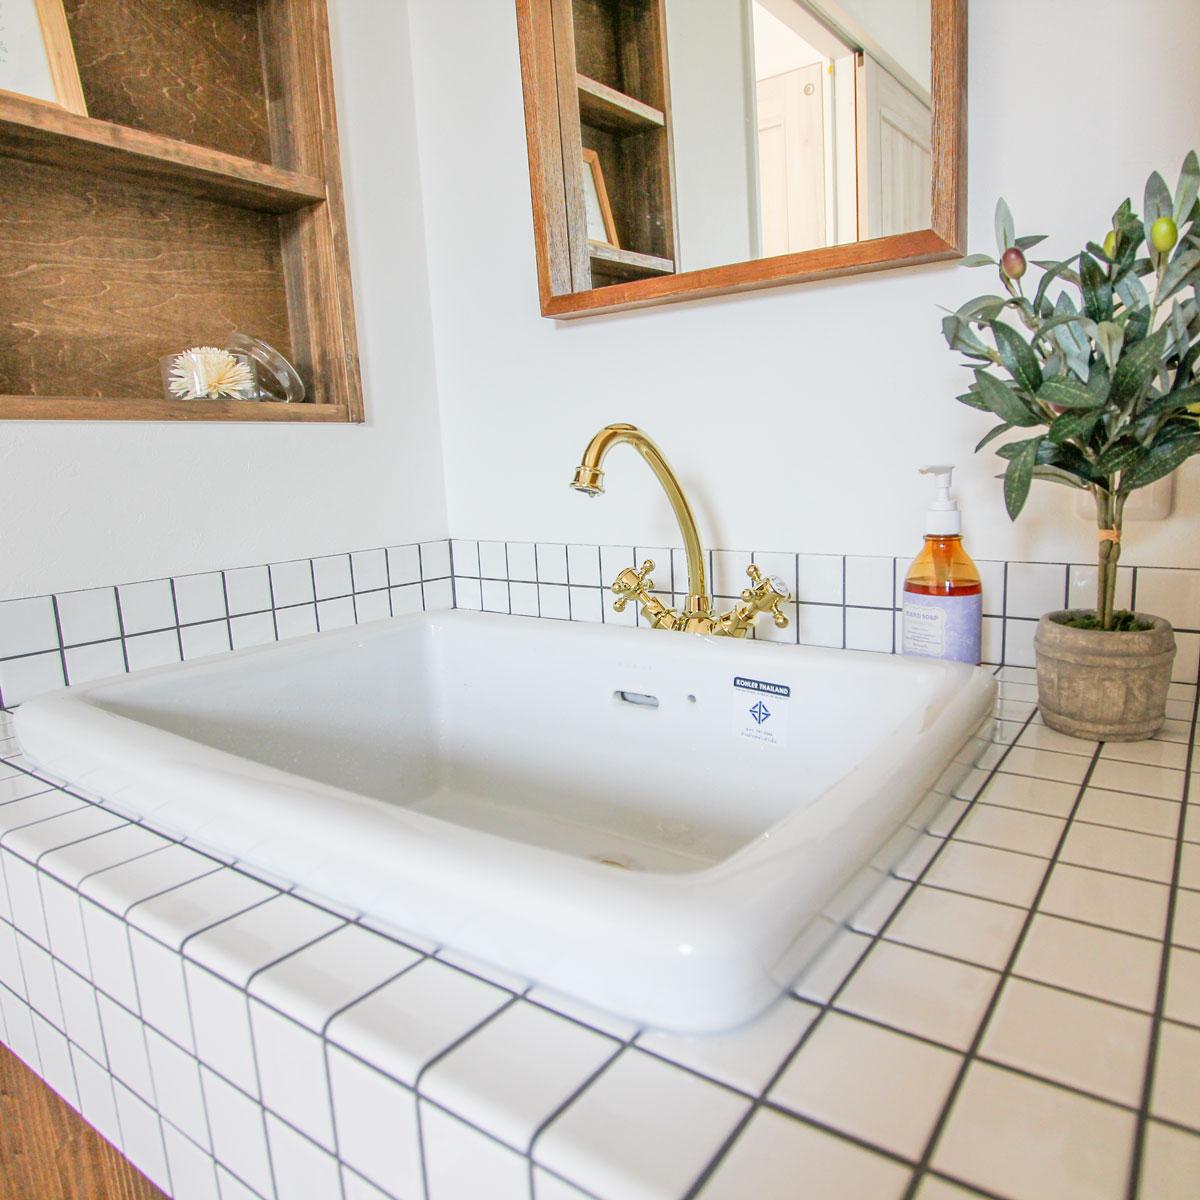 清潔感のあるフレンチスタイルのタイル張り洗面台